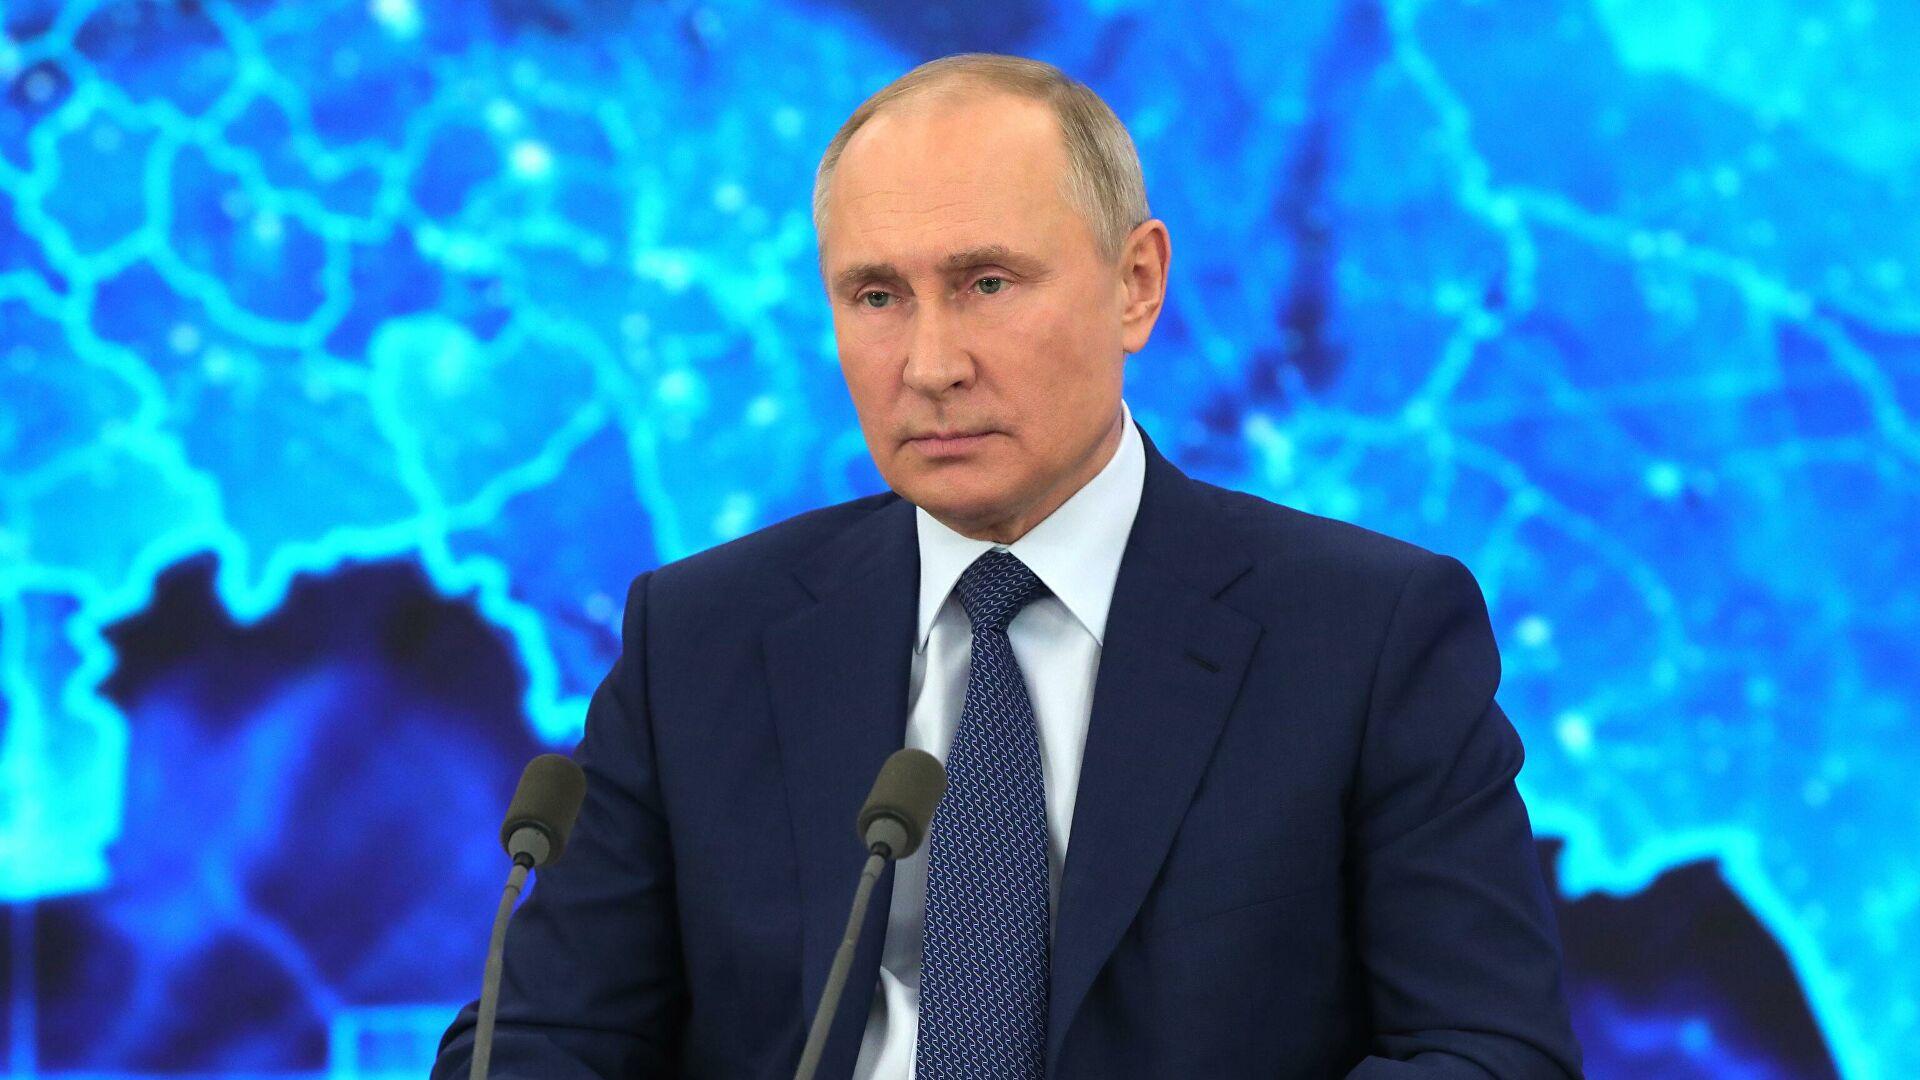 """""""Избор новог састава Државне думе најважнији догађај у животу нашег друштва и земље"""": Путин позвао грађане да гласају"""